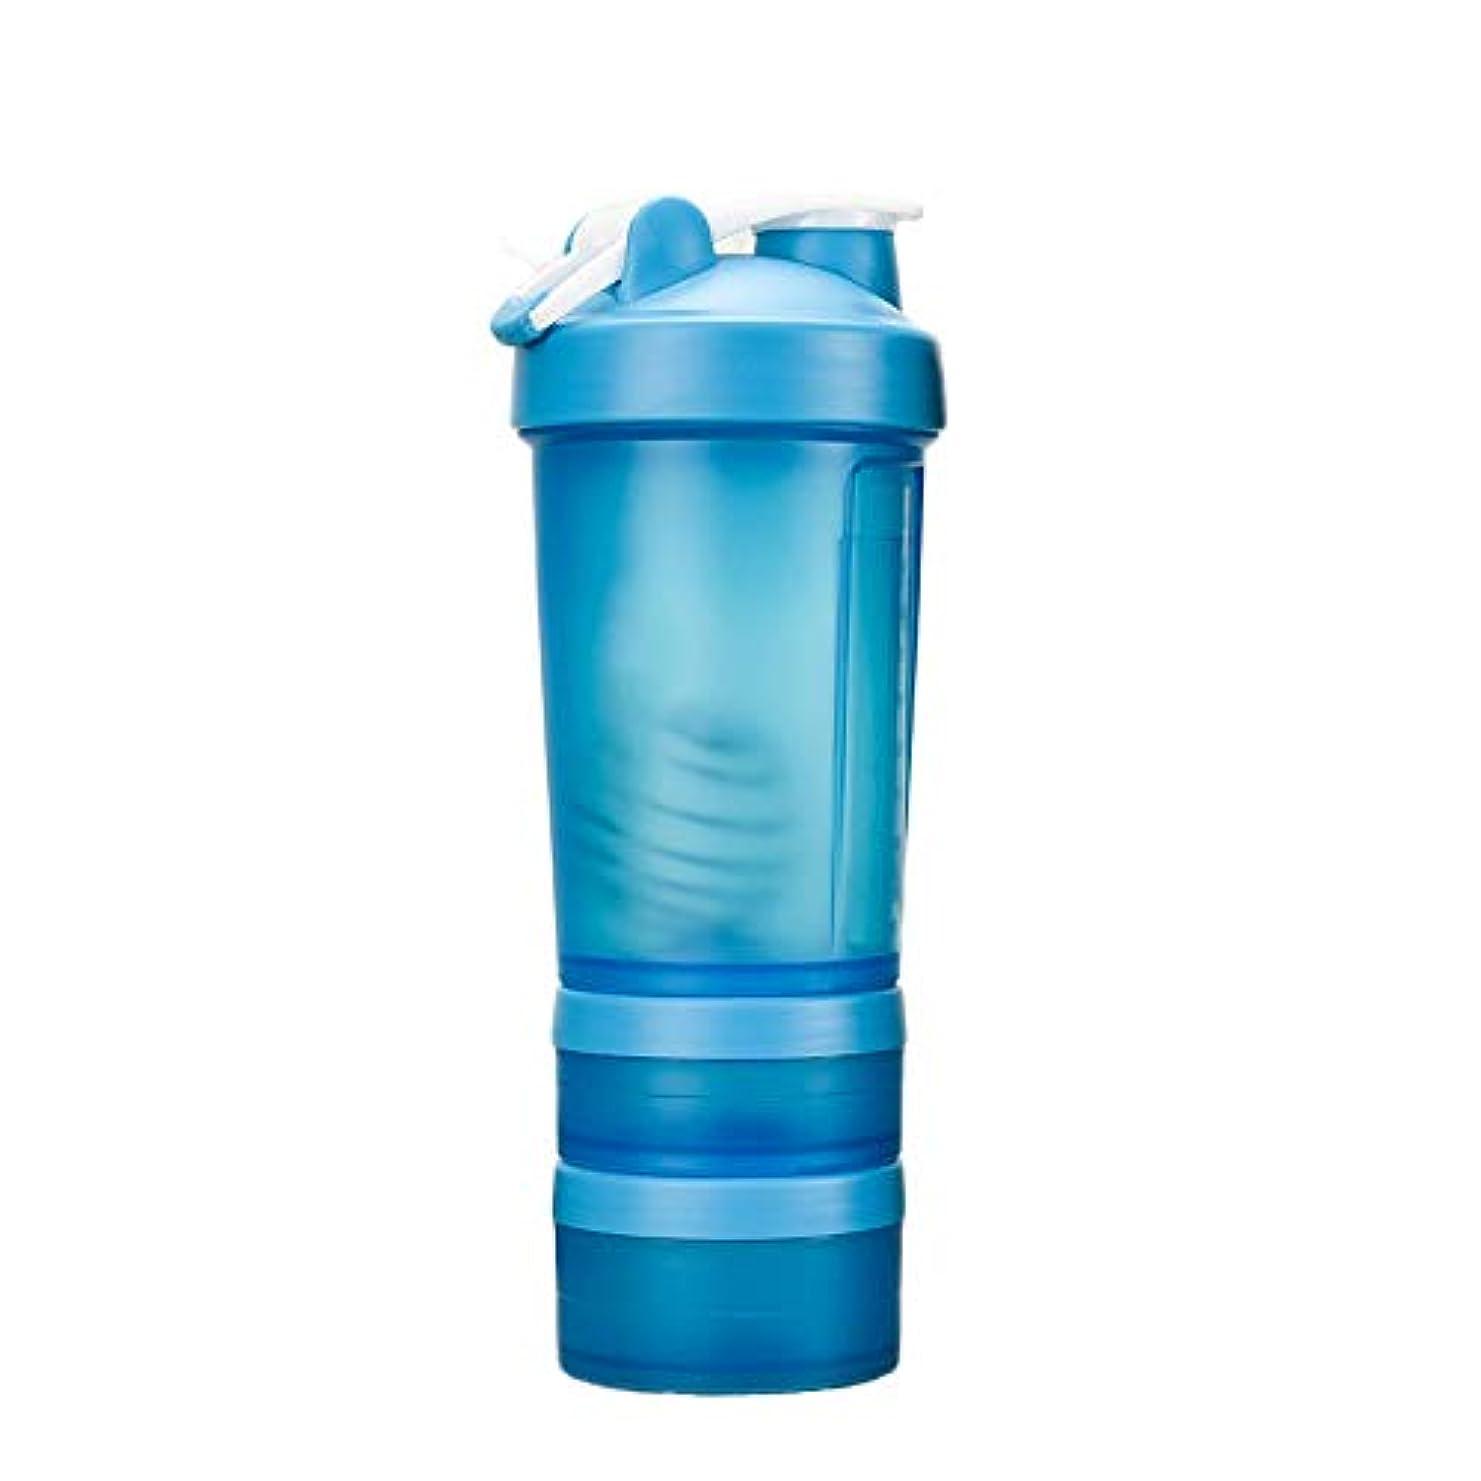 アルネなかなか甥650ml シェーカーボトルフィットネスプロテインミキサーカッププラスチックスポーツレイヤリングケトルとカプセルボックススカラボールとスケール表示屋外カフェバーオフィス栄養,Blue